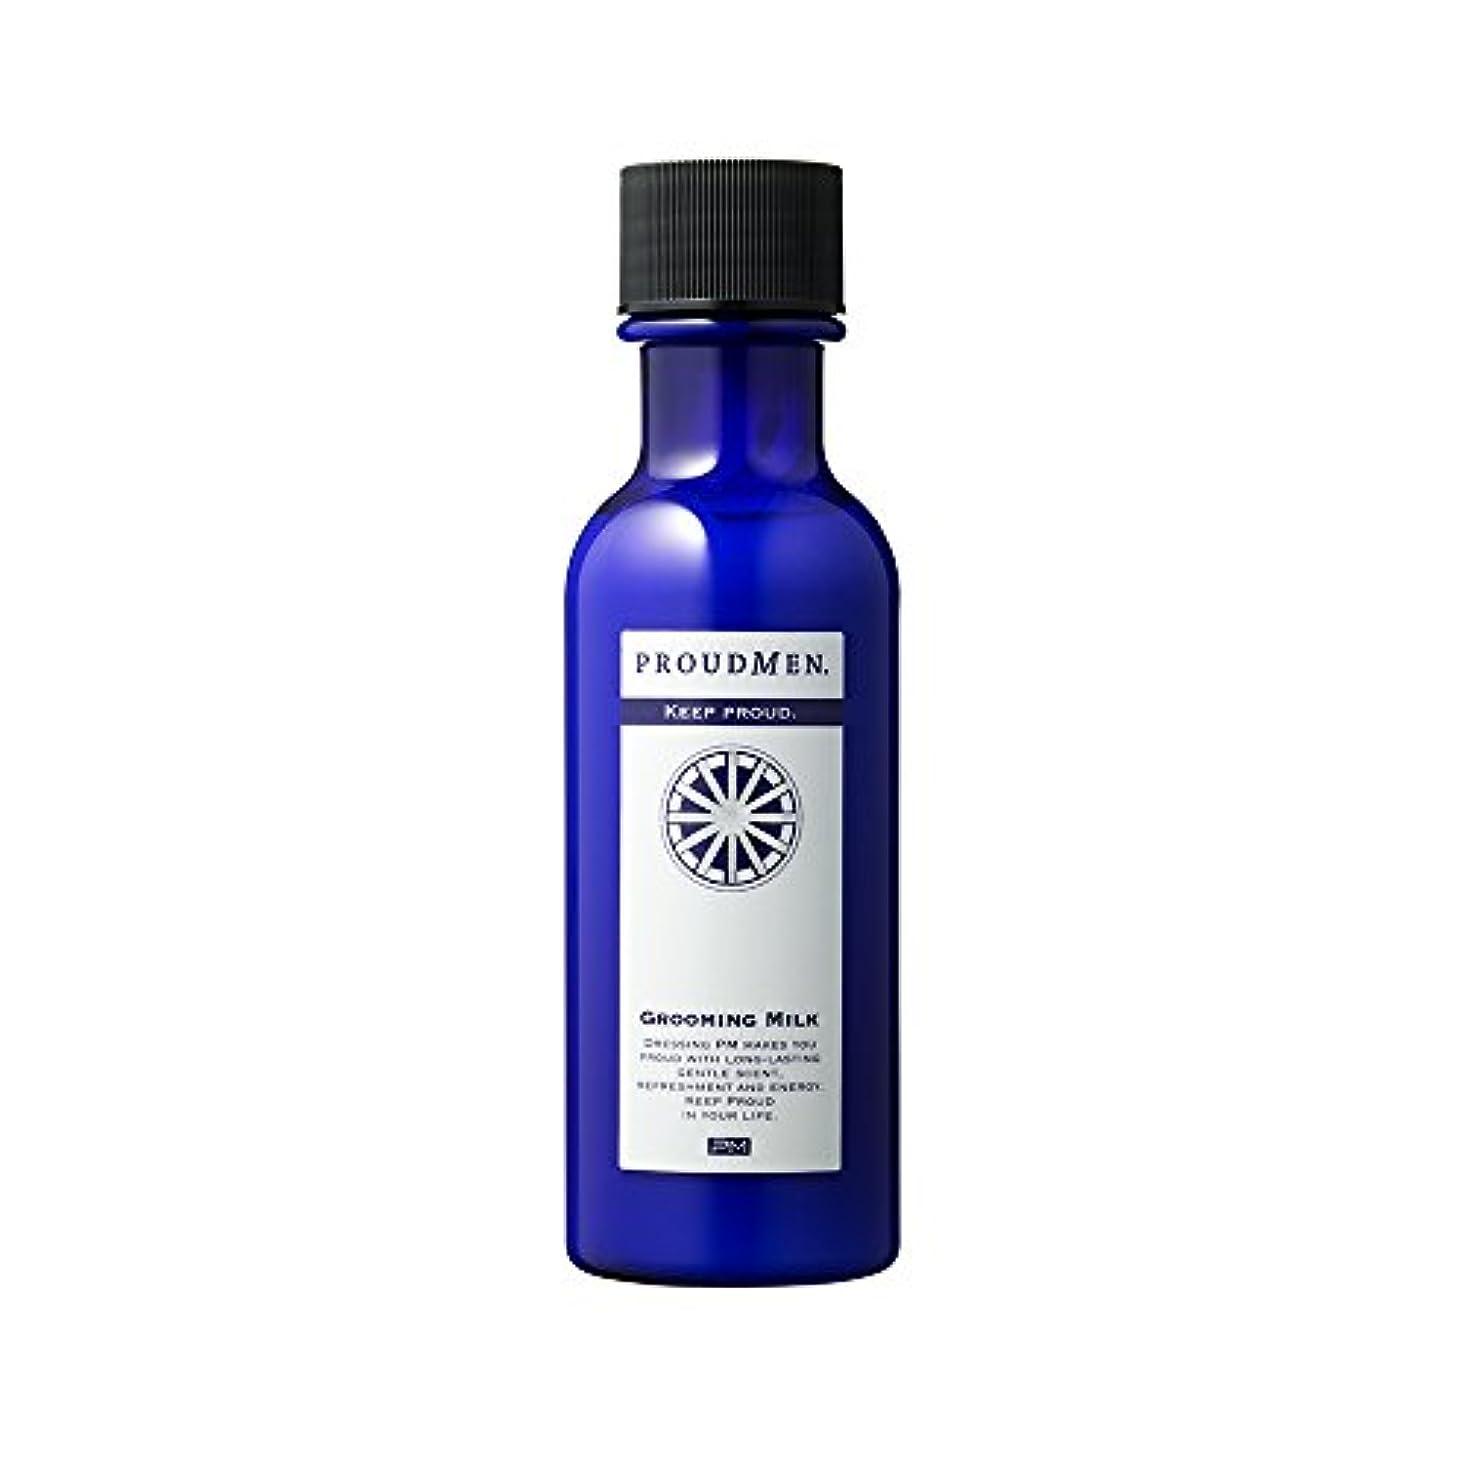 規範クライマックス予防接種するプラウドメン グルーミングミルク 100ml 化粧水 メンズ アフターシェーブ